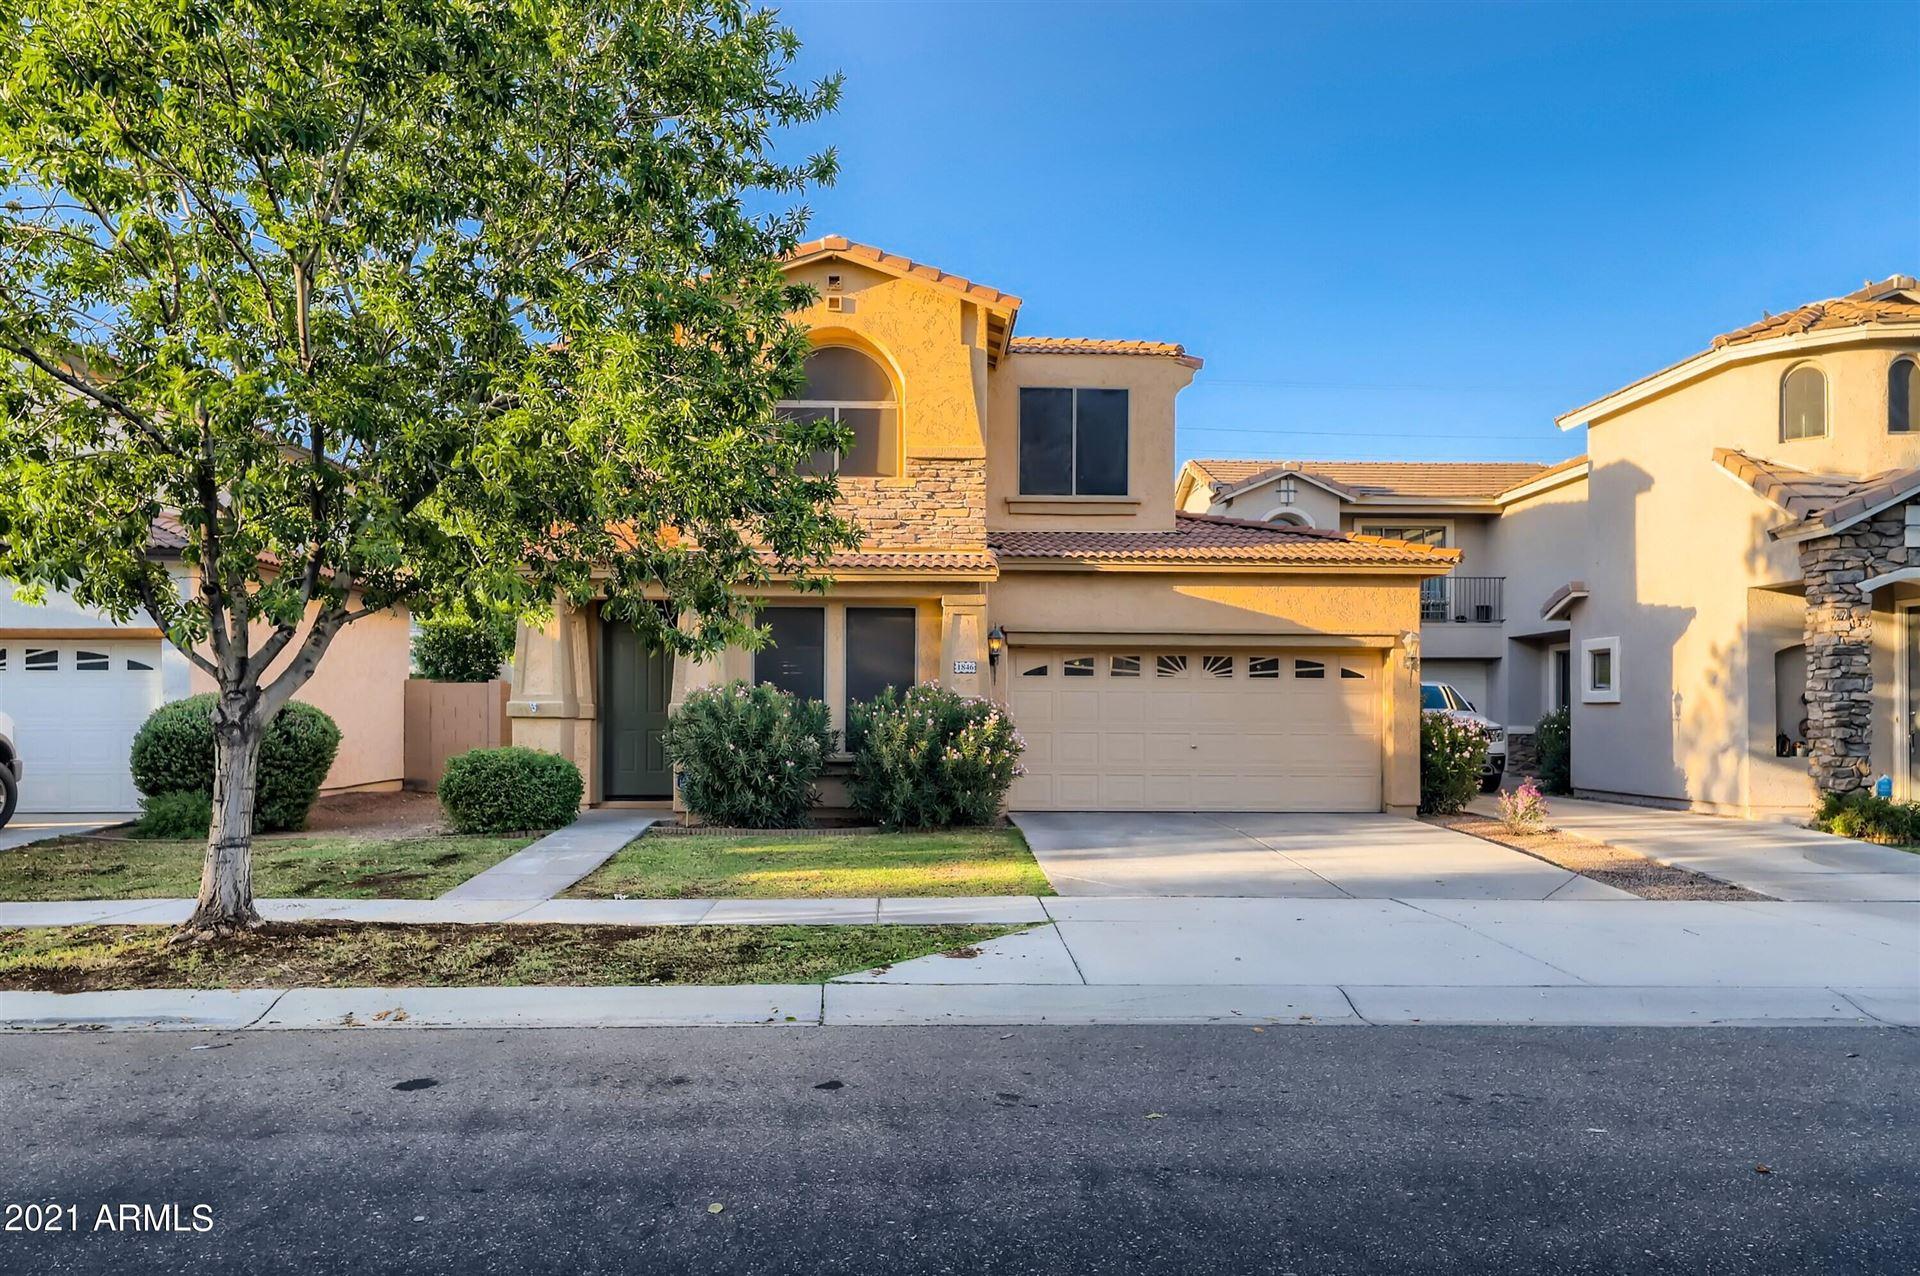 1846 E ELLIS Street, Phoenix, AZ 85042 - MLS#: 6305756